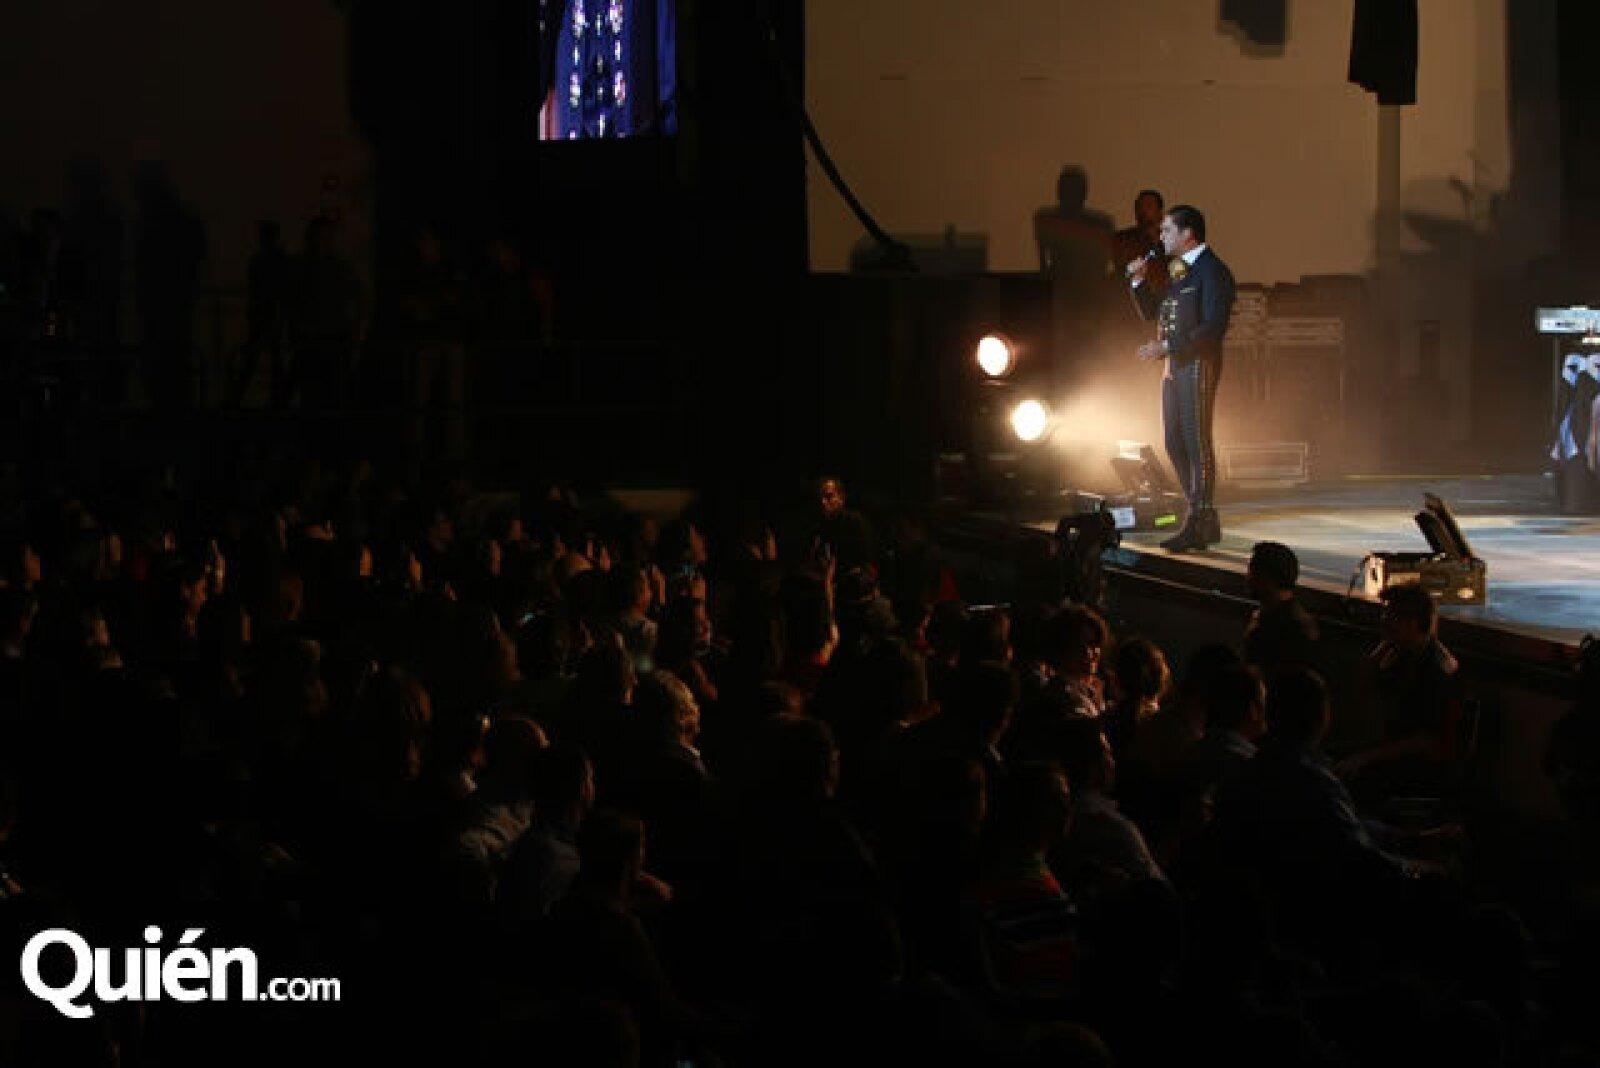 El concierto comenzó a las 9:50 de la noche.